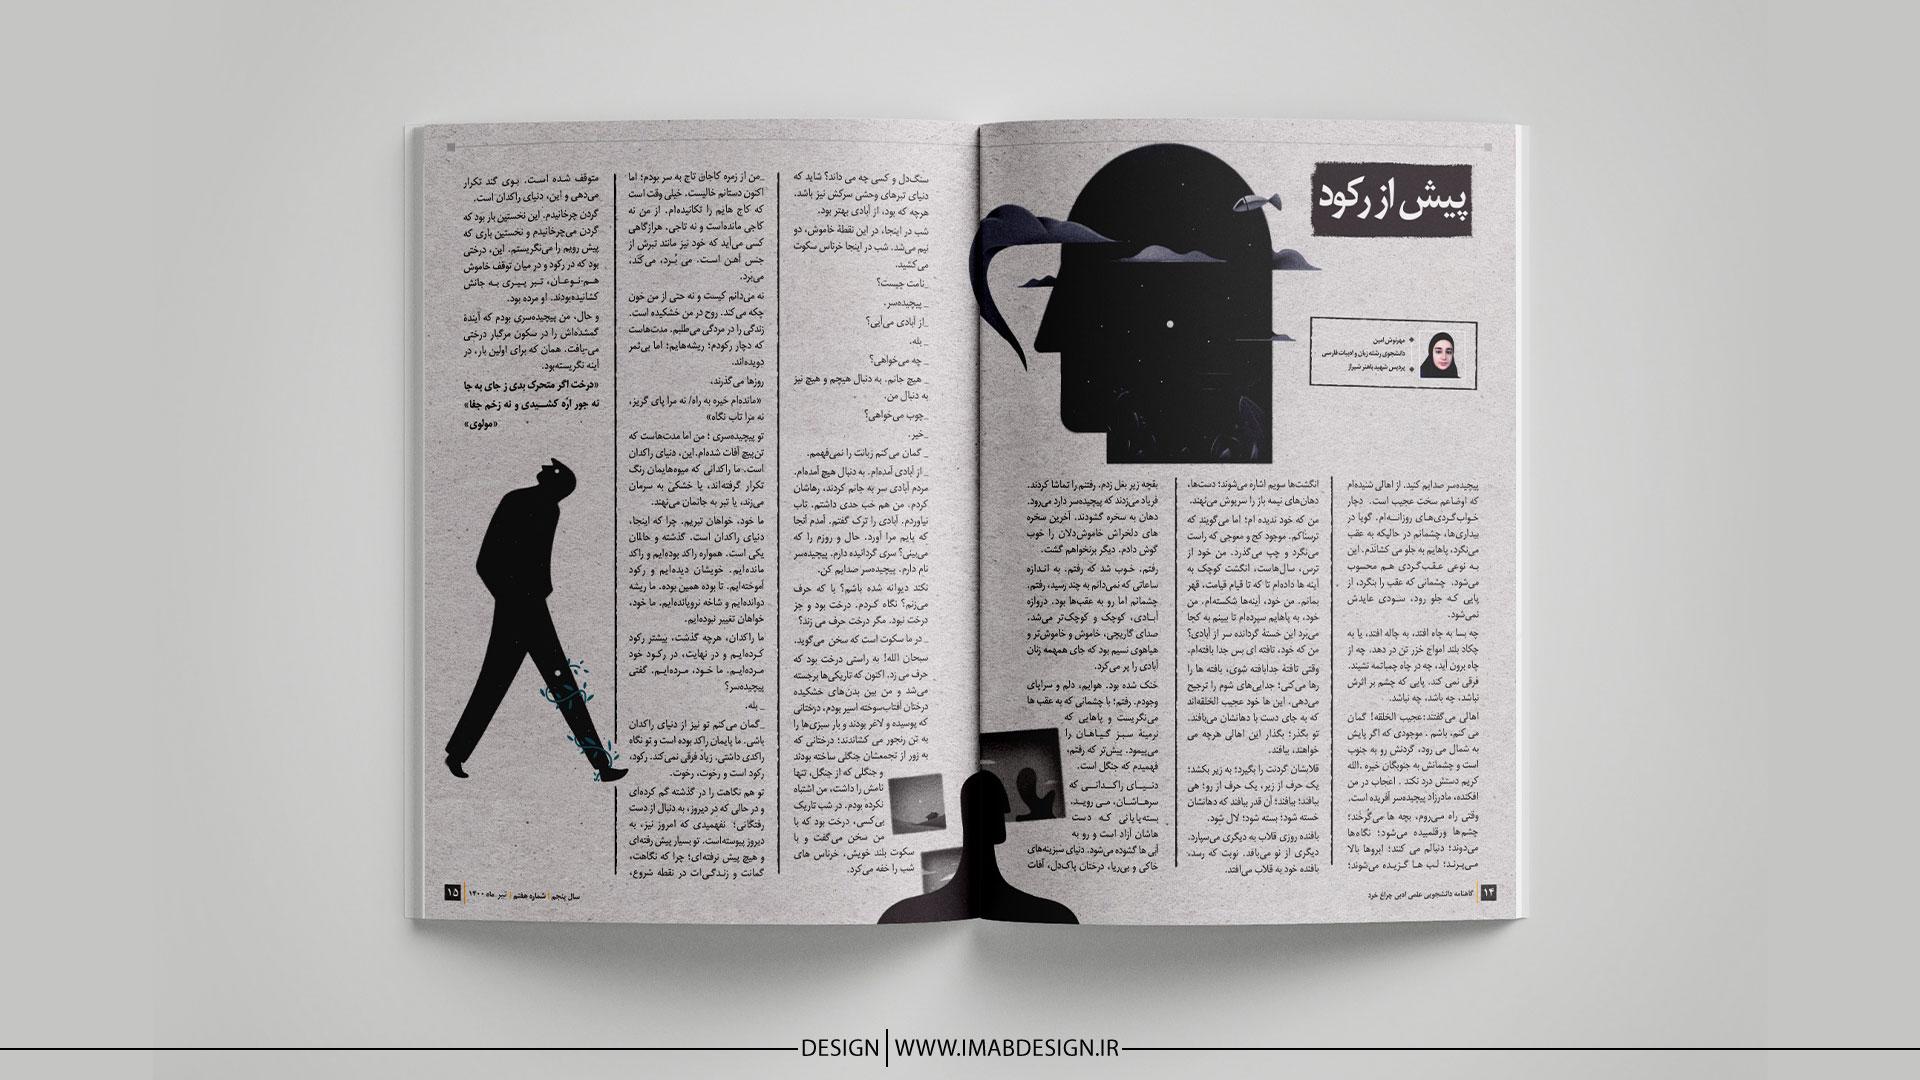 طراحی و صفحه آرایی نشریه علمی